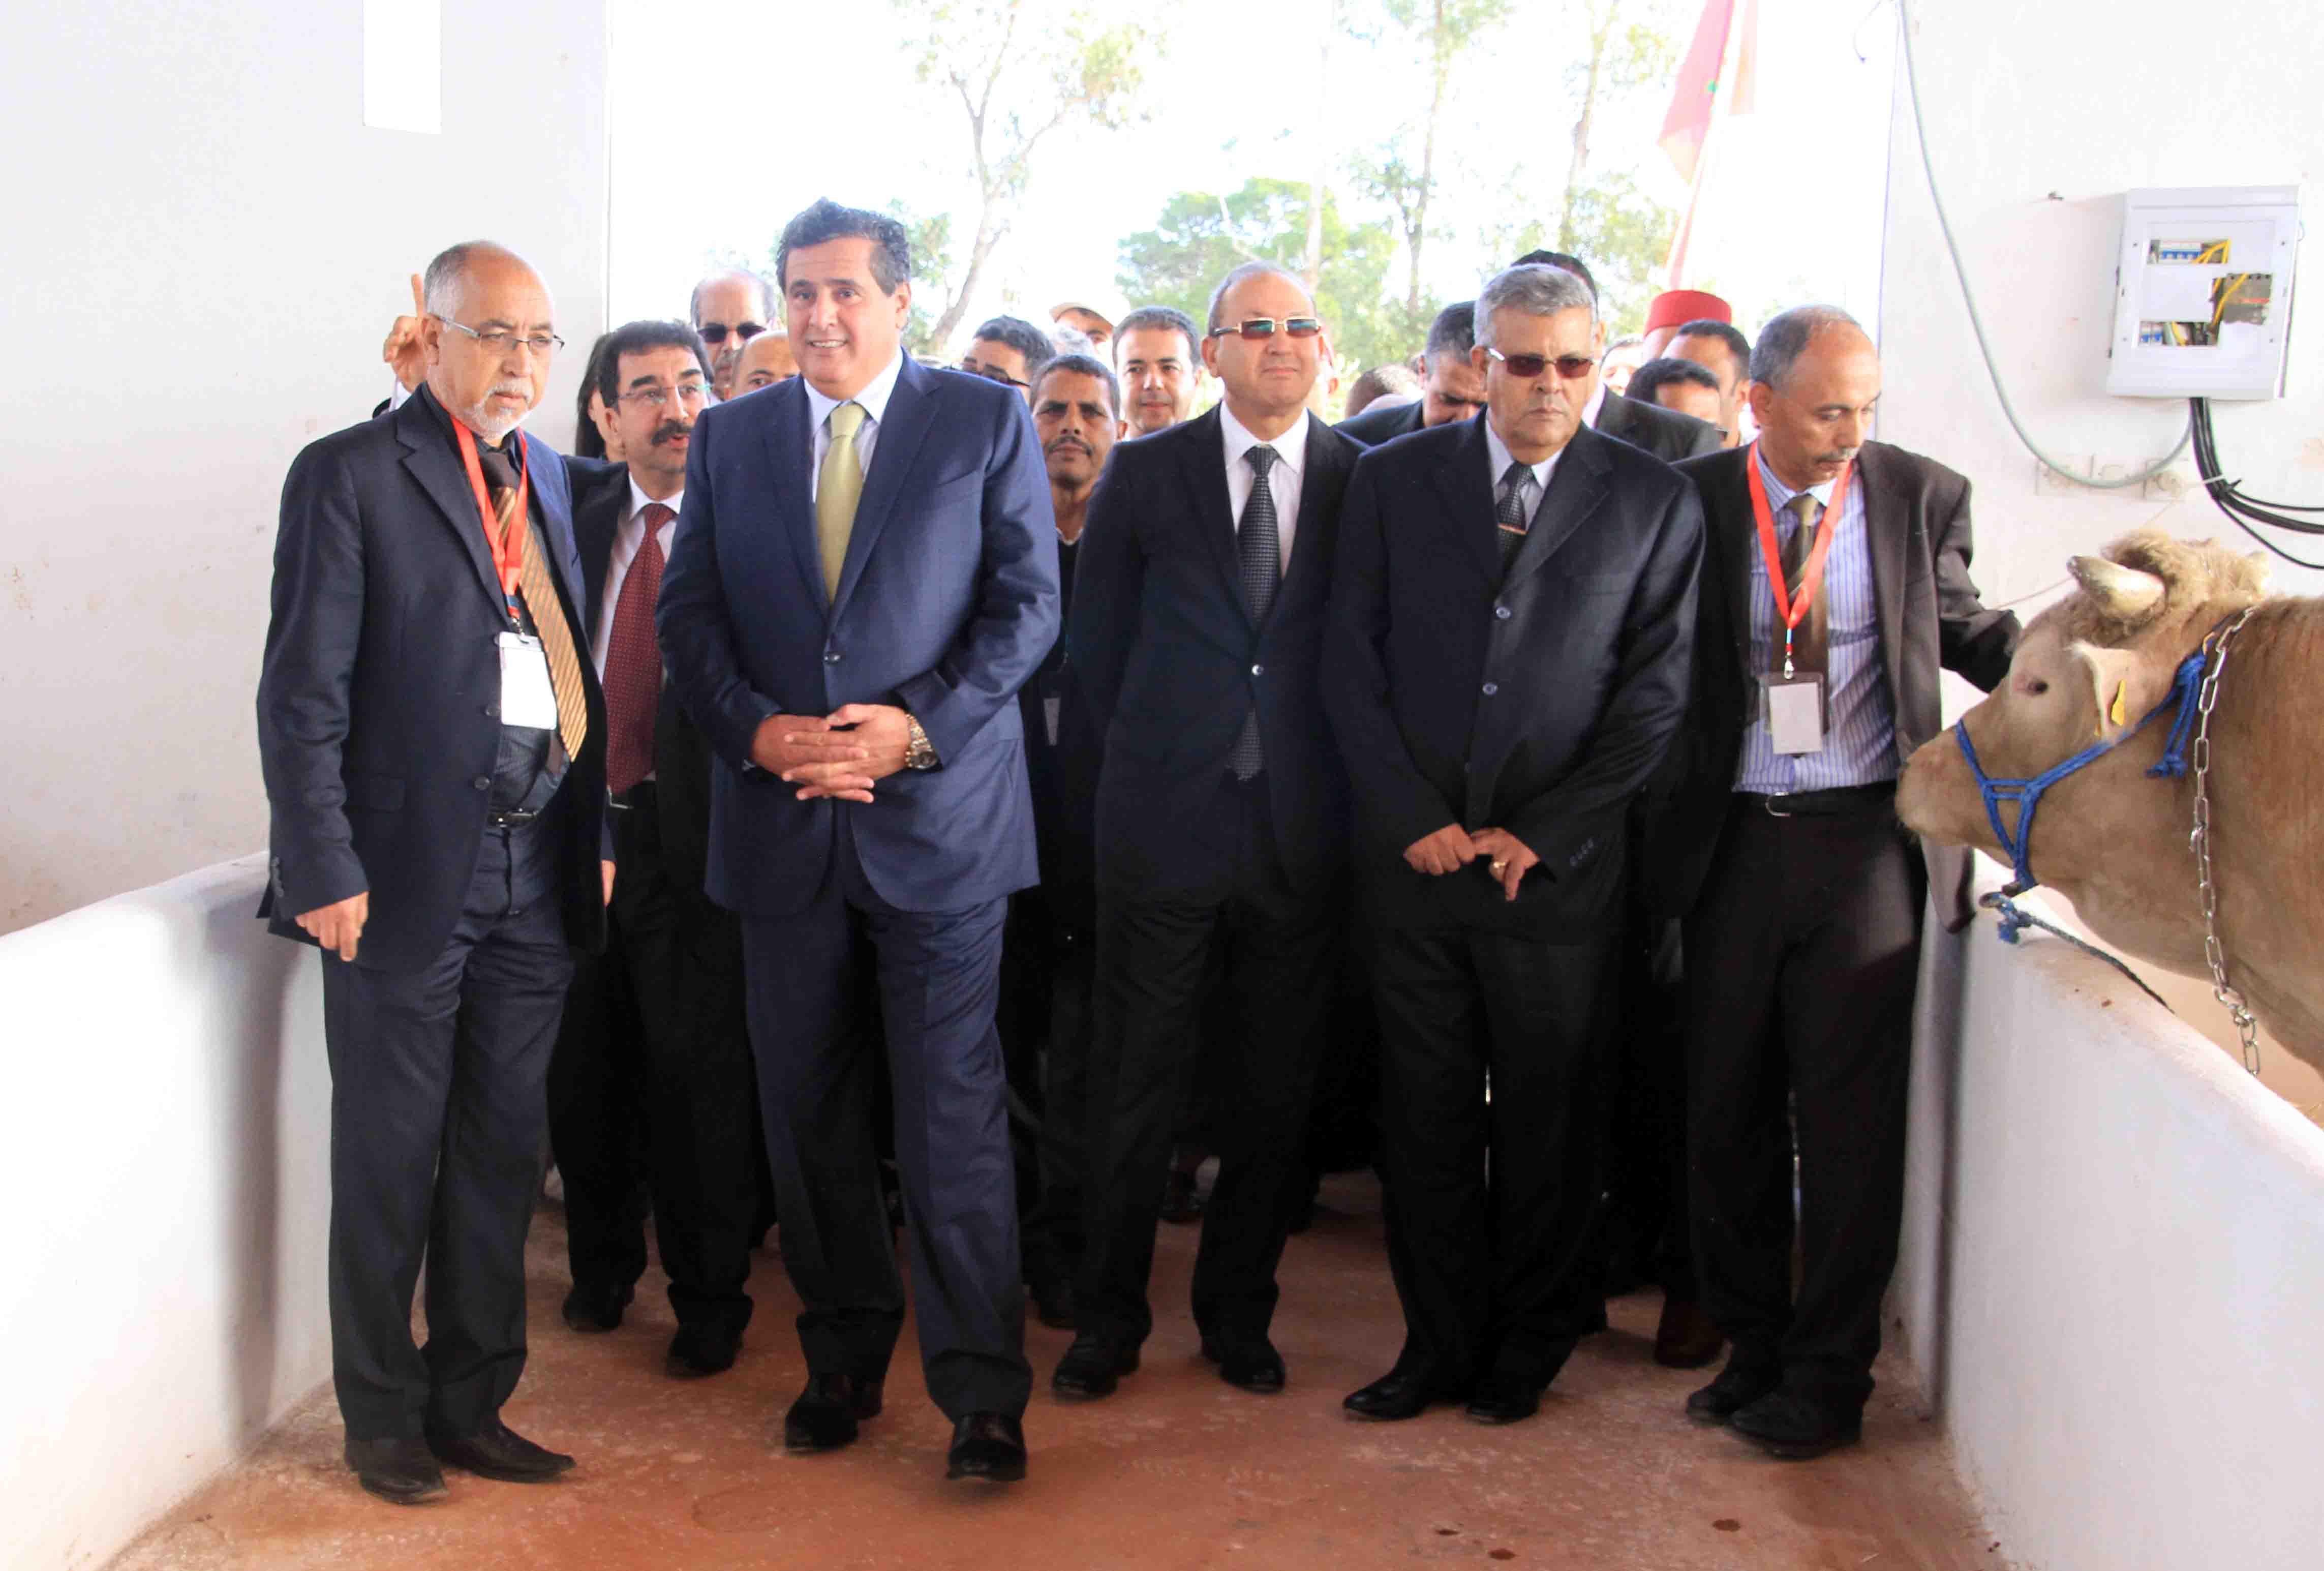 زيارة وزير الفلاحة و الصيد البحري السيد عزيز أخنوش للمعرض الوطني المهني لتنمية تربية الماشية